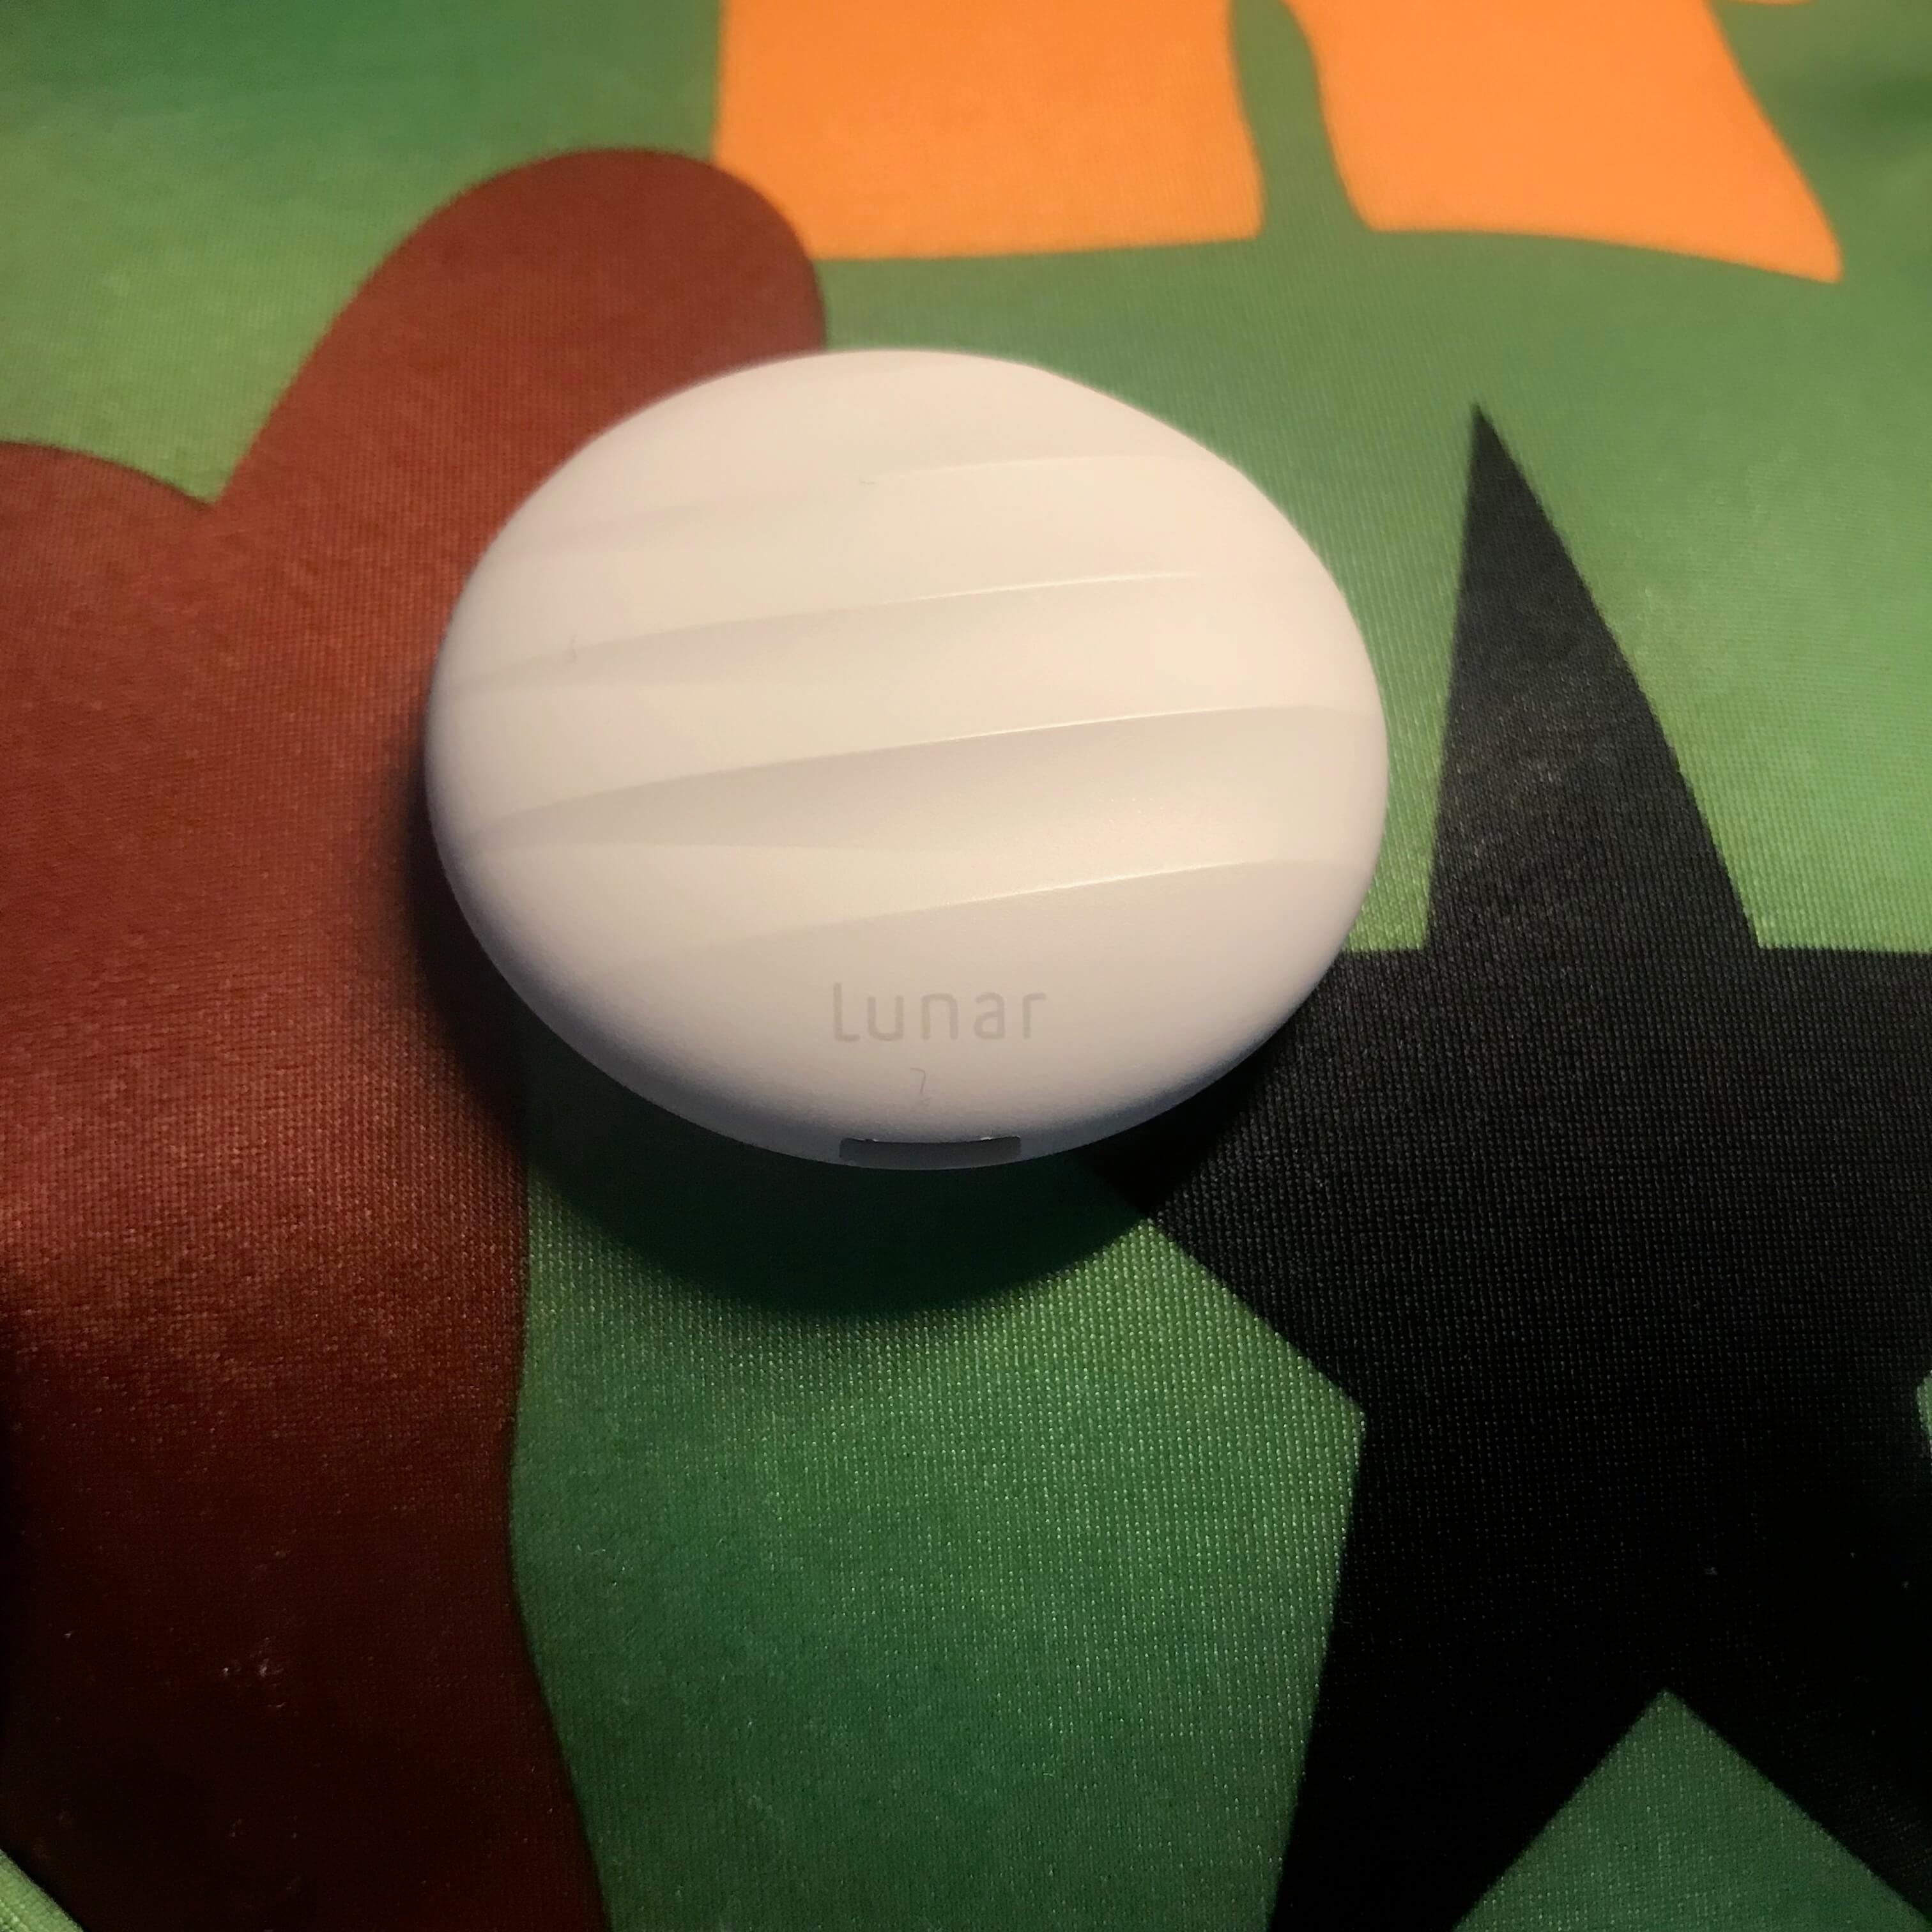 Lunar Sleep Sensor